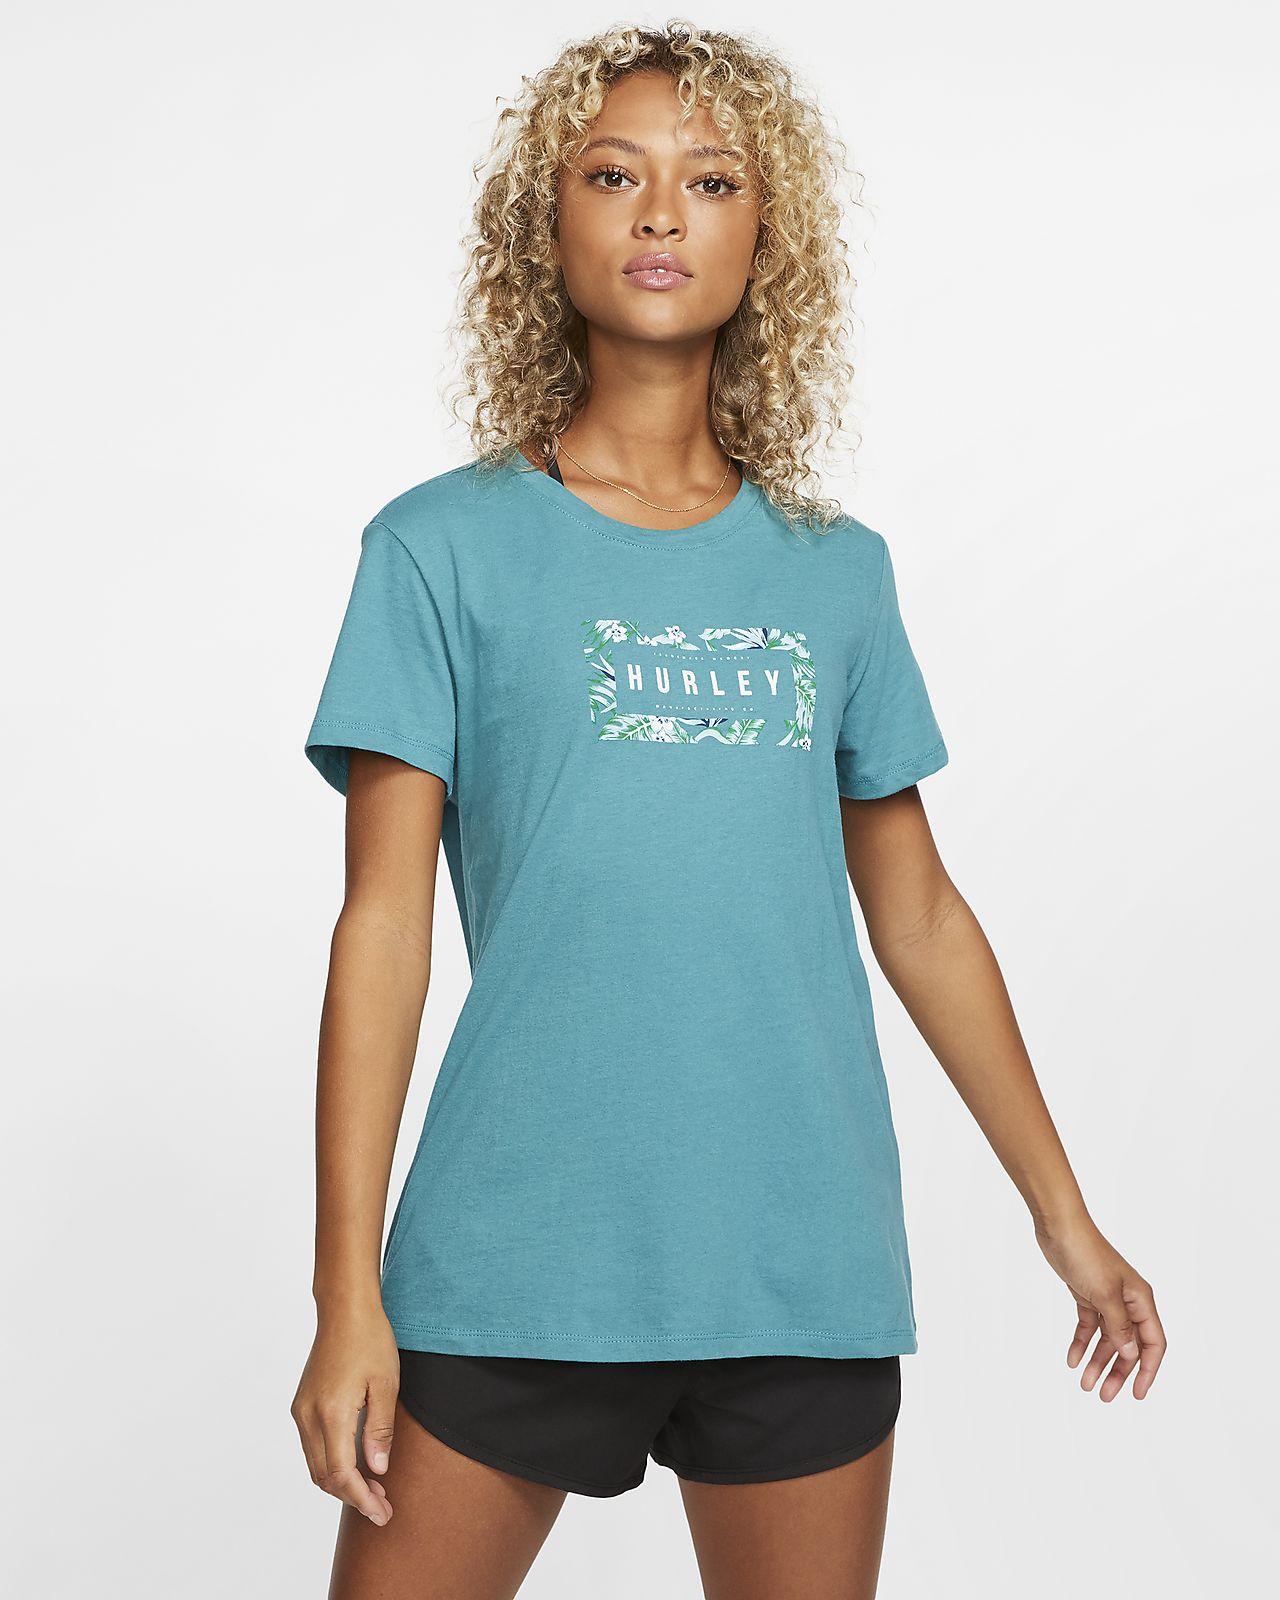 Hurley Flashback Floral Perfect Damen-Rundhalsshirt